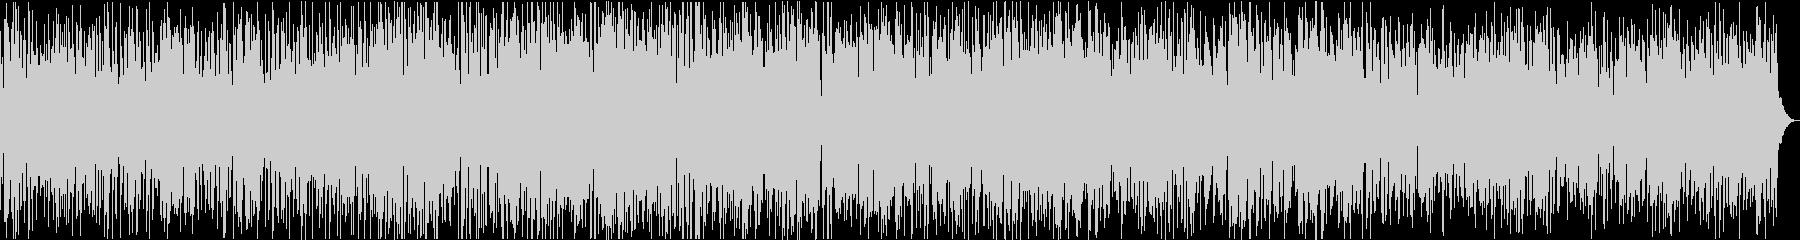 生音・生演奏・渋い大人のカフェボサノバの未再生の波形